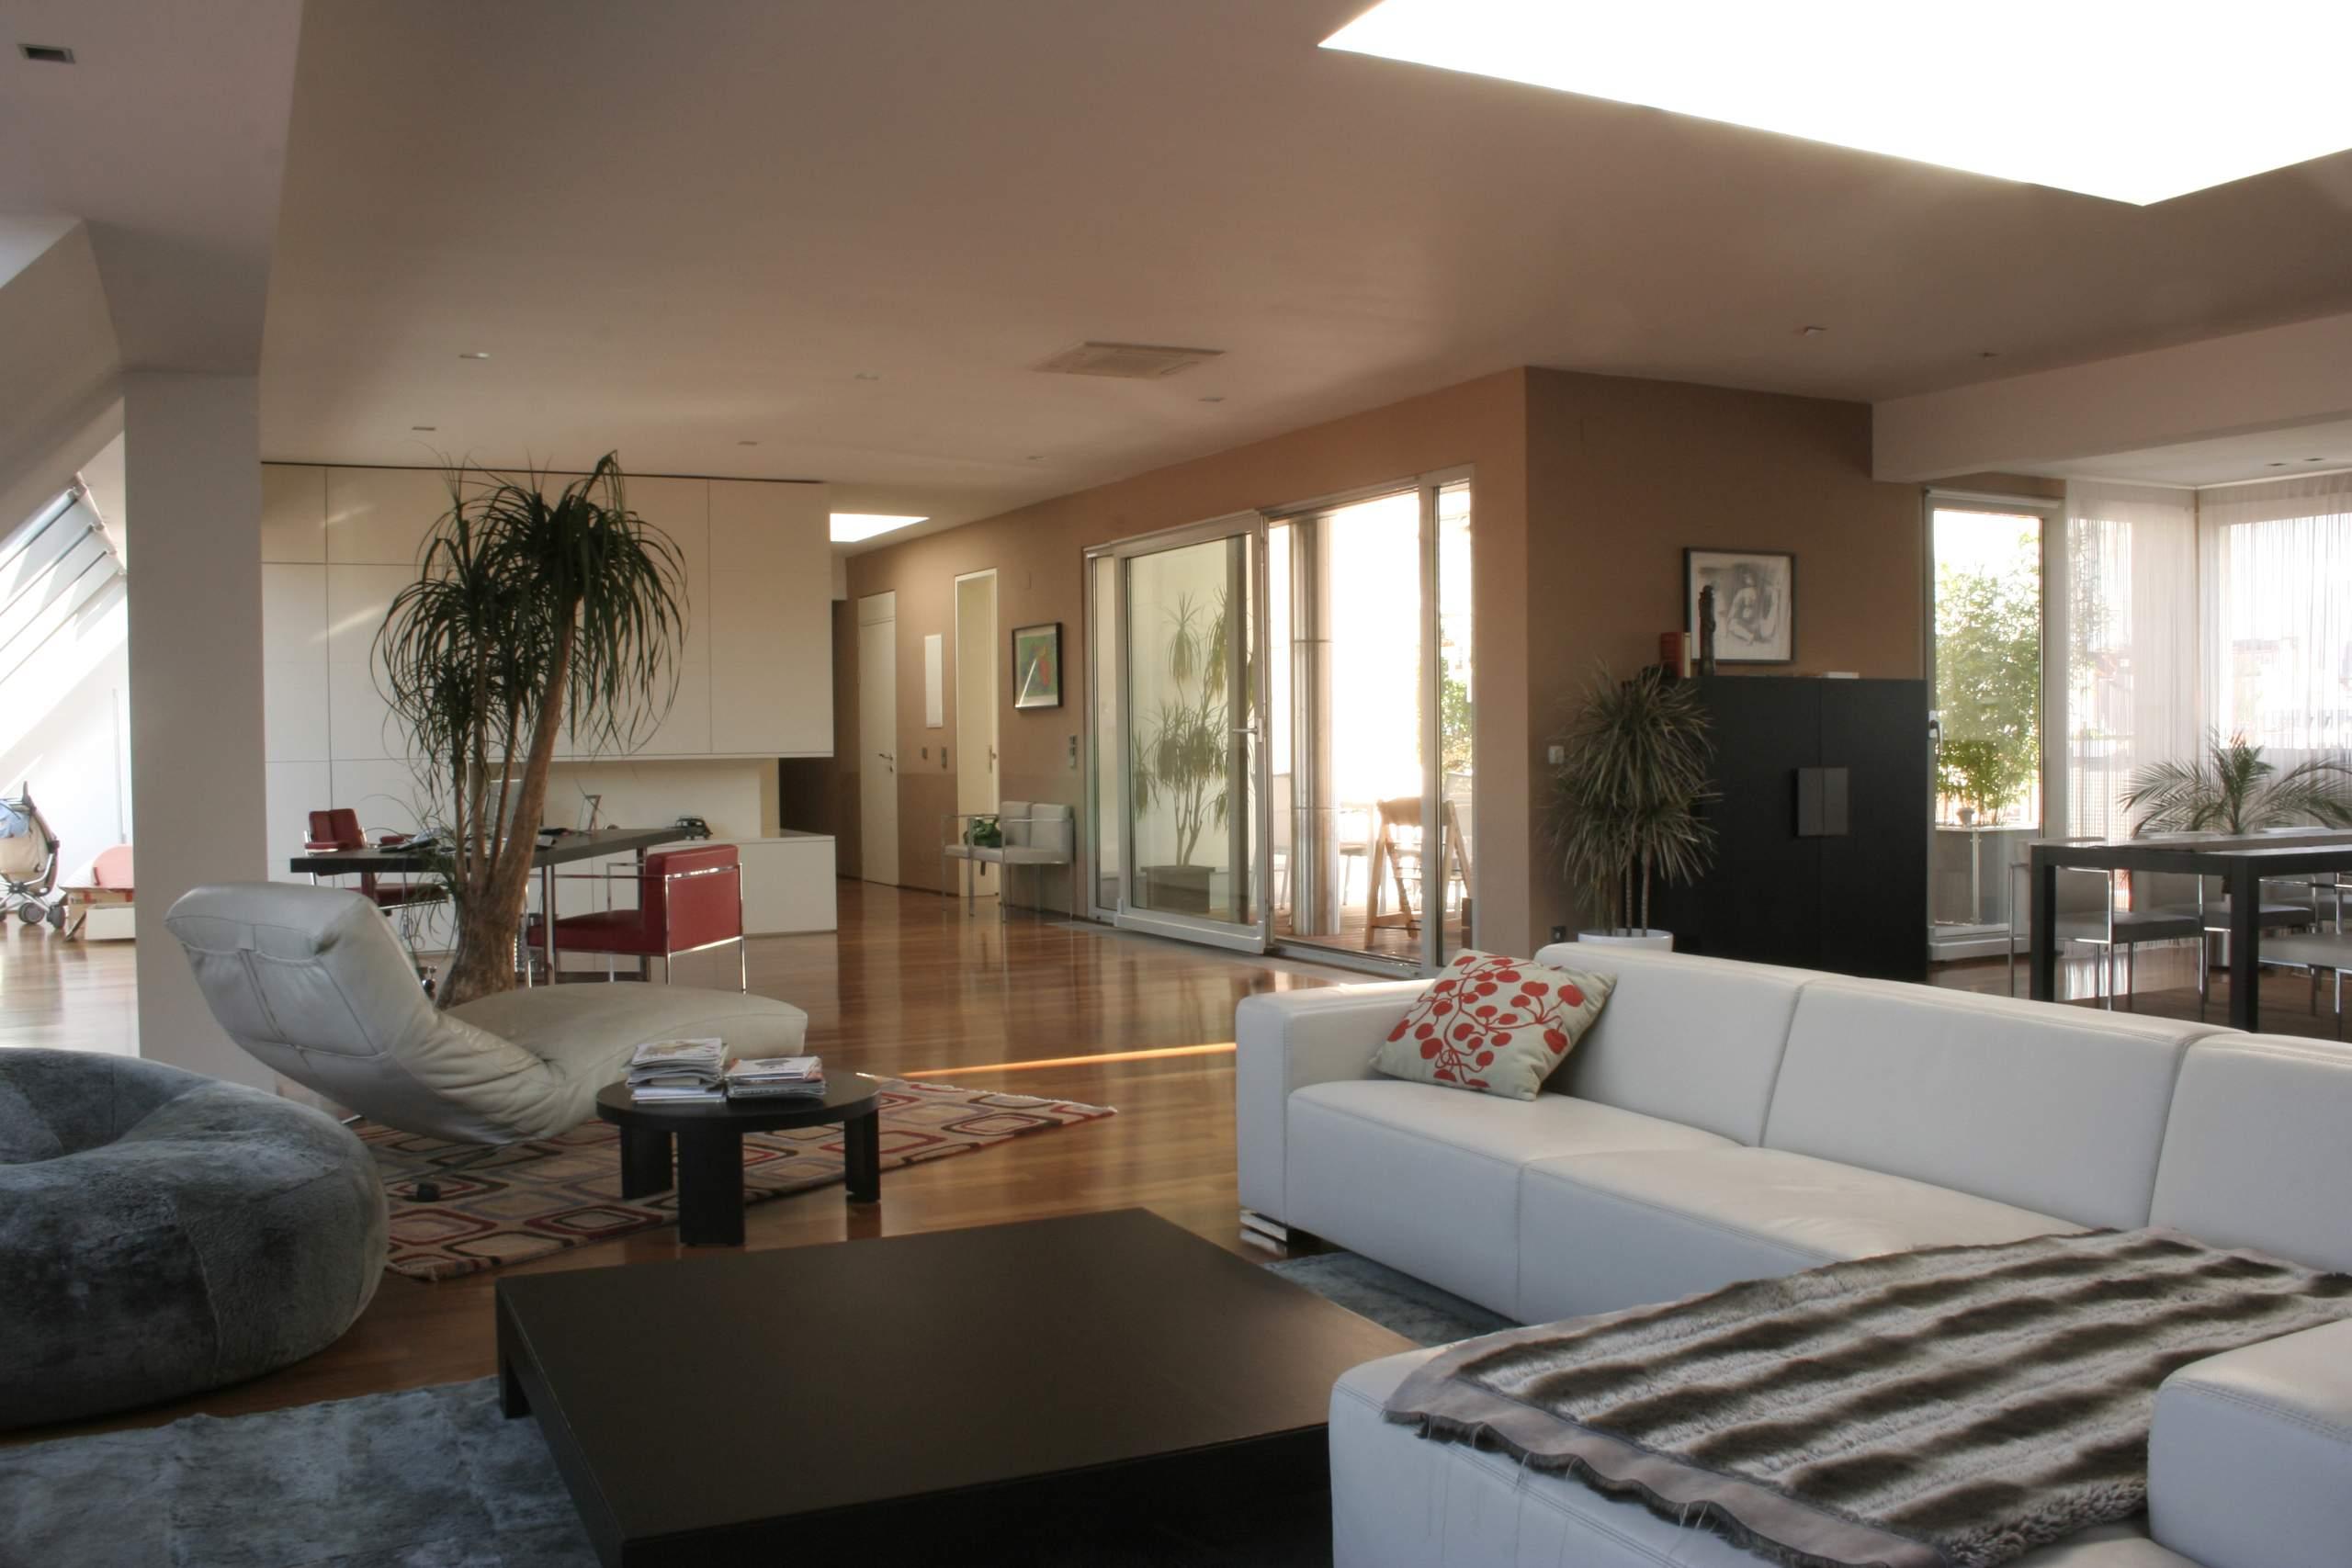 liegler takeh architekten projekt franzensgasse 23 2560 liegler takeh architekten. Black Bedroom Furniture Sets. Home Design Ideas